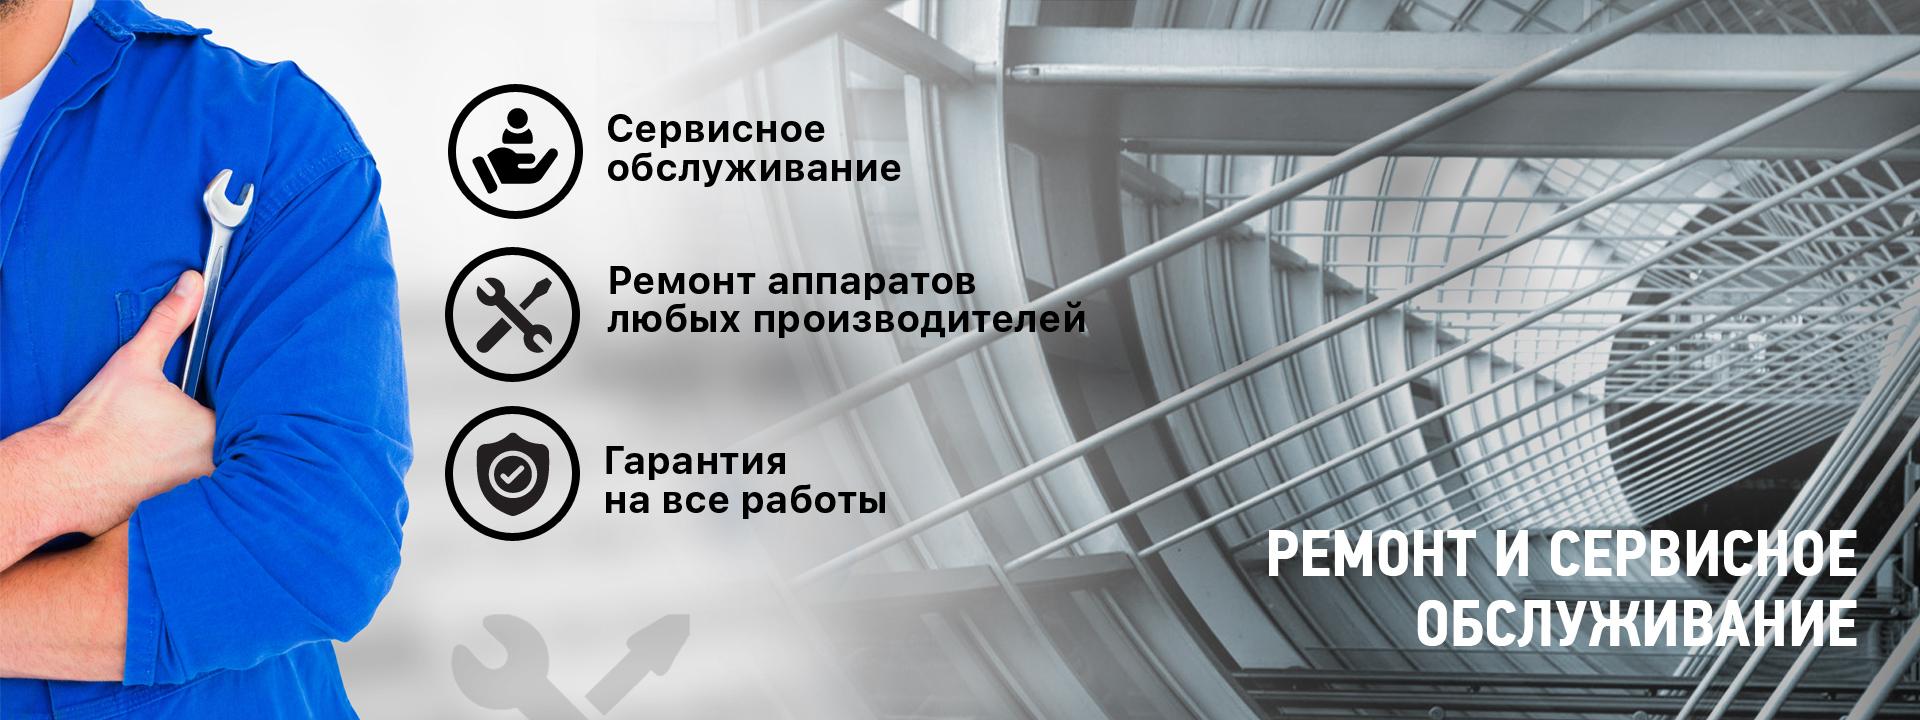 Ремонт и сервисное обслуживание аппаратов газированной воды